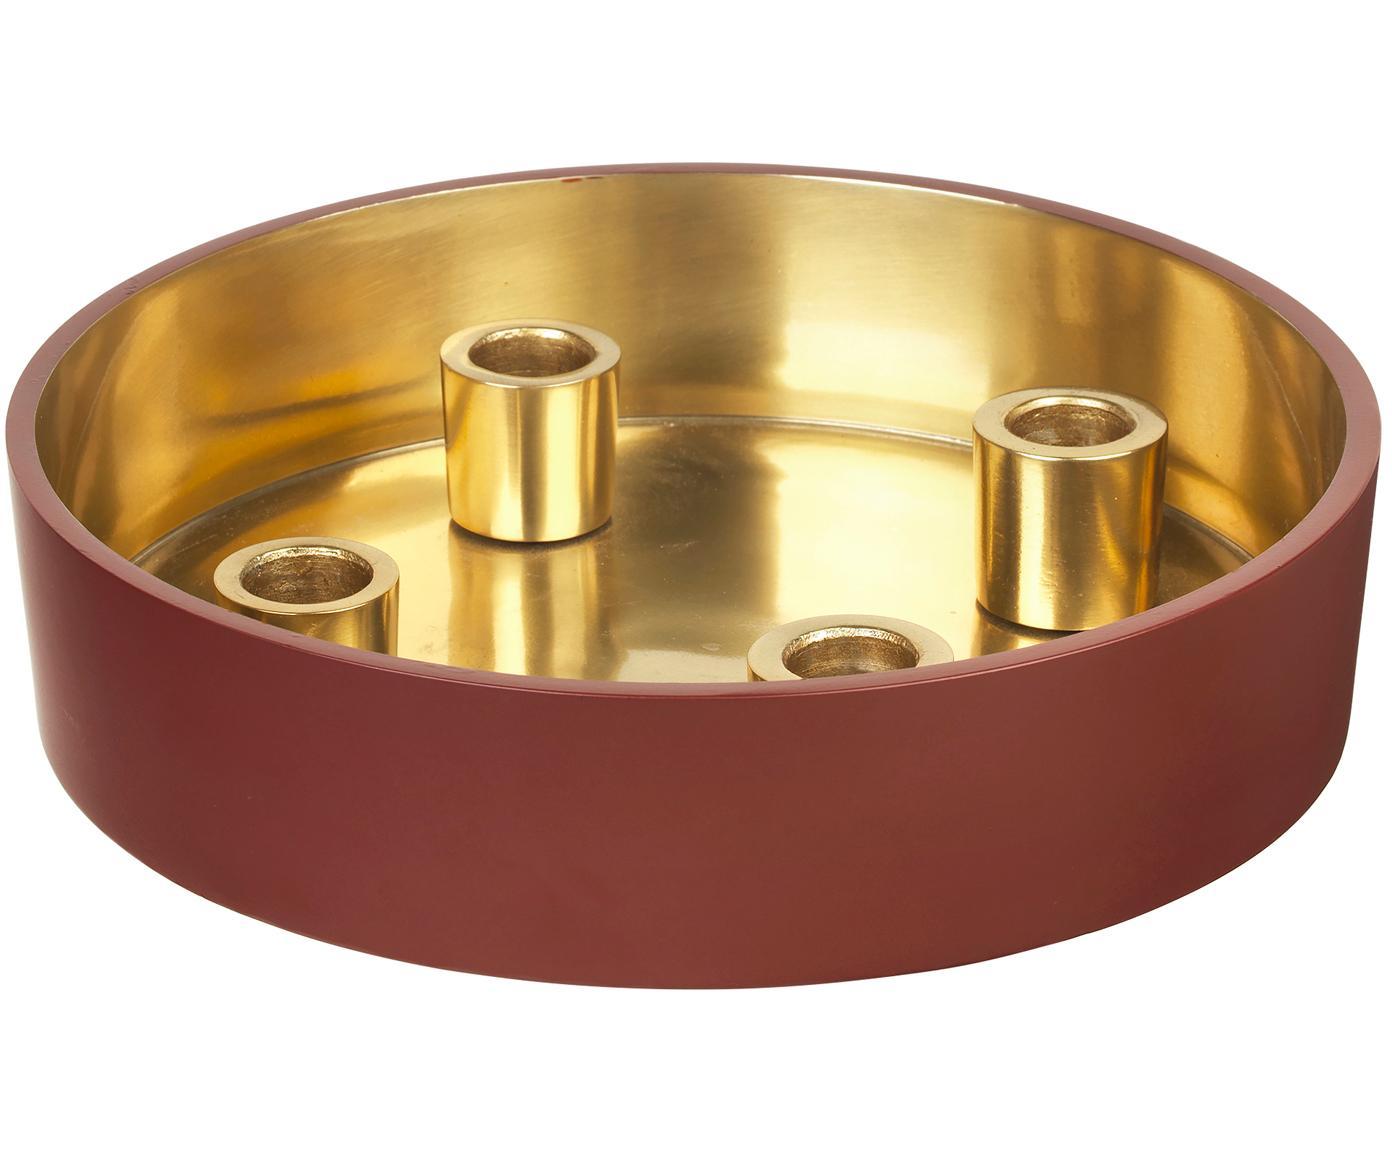 Kerzenständer Palma, Aluminium, emailliert, Außen: Dunkles RostrotInnen: Goldfarben, Ø 23 x H 6 cm